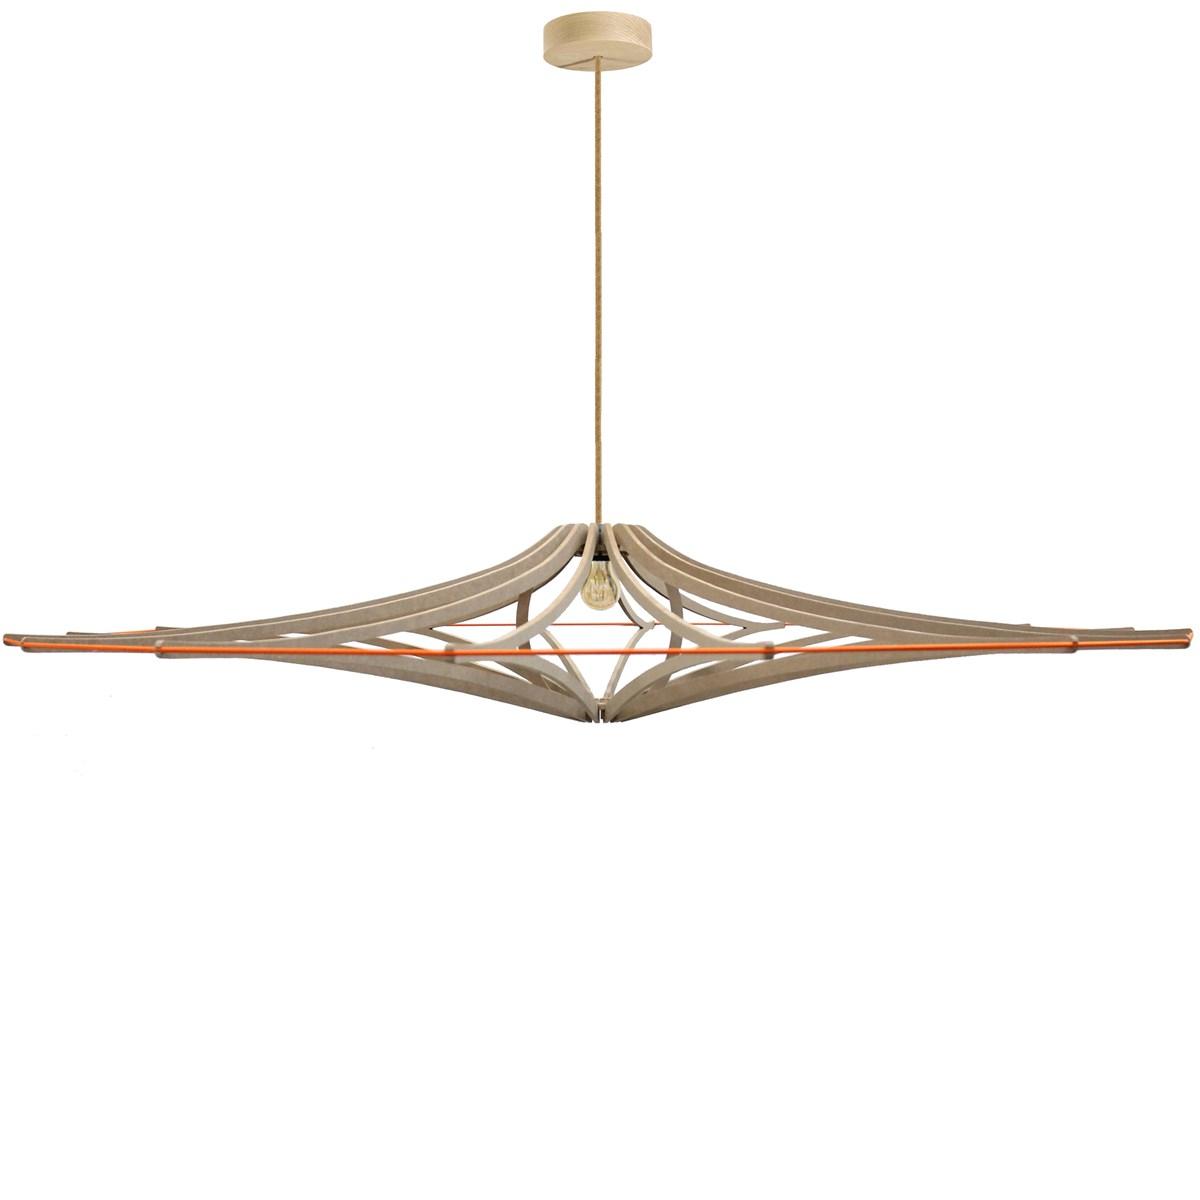 Suspension bois design orange D180cm